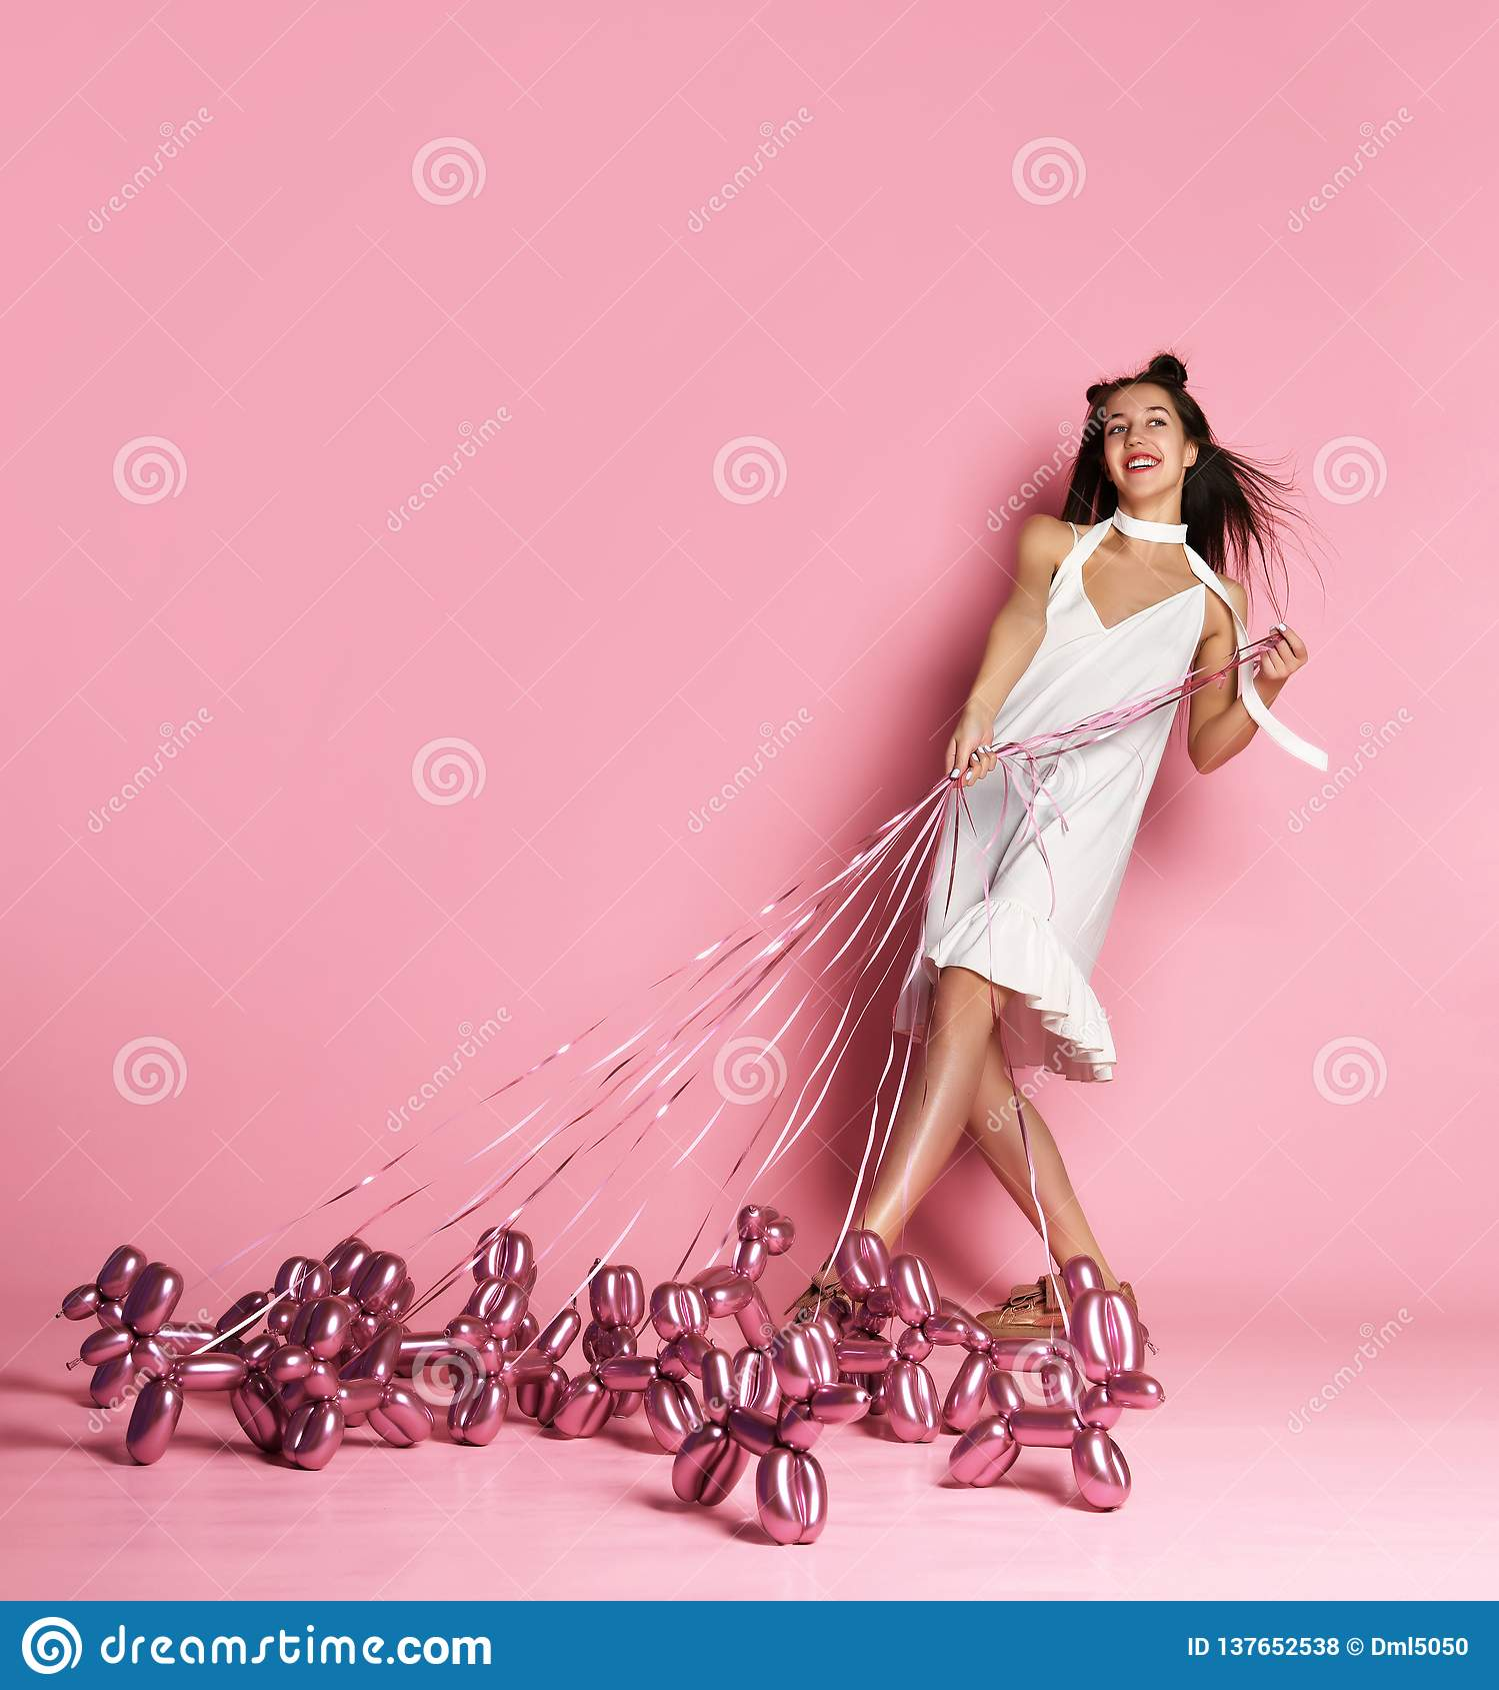 Junges schönes Mädchen im weißen Kleid gehen die aufblasbaren Ballonhunde auf einem glücklichen Lächeln der Leine